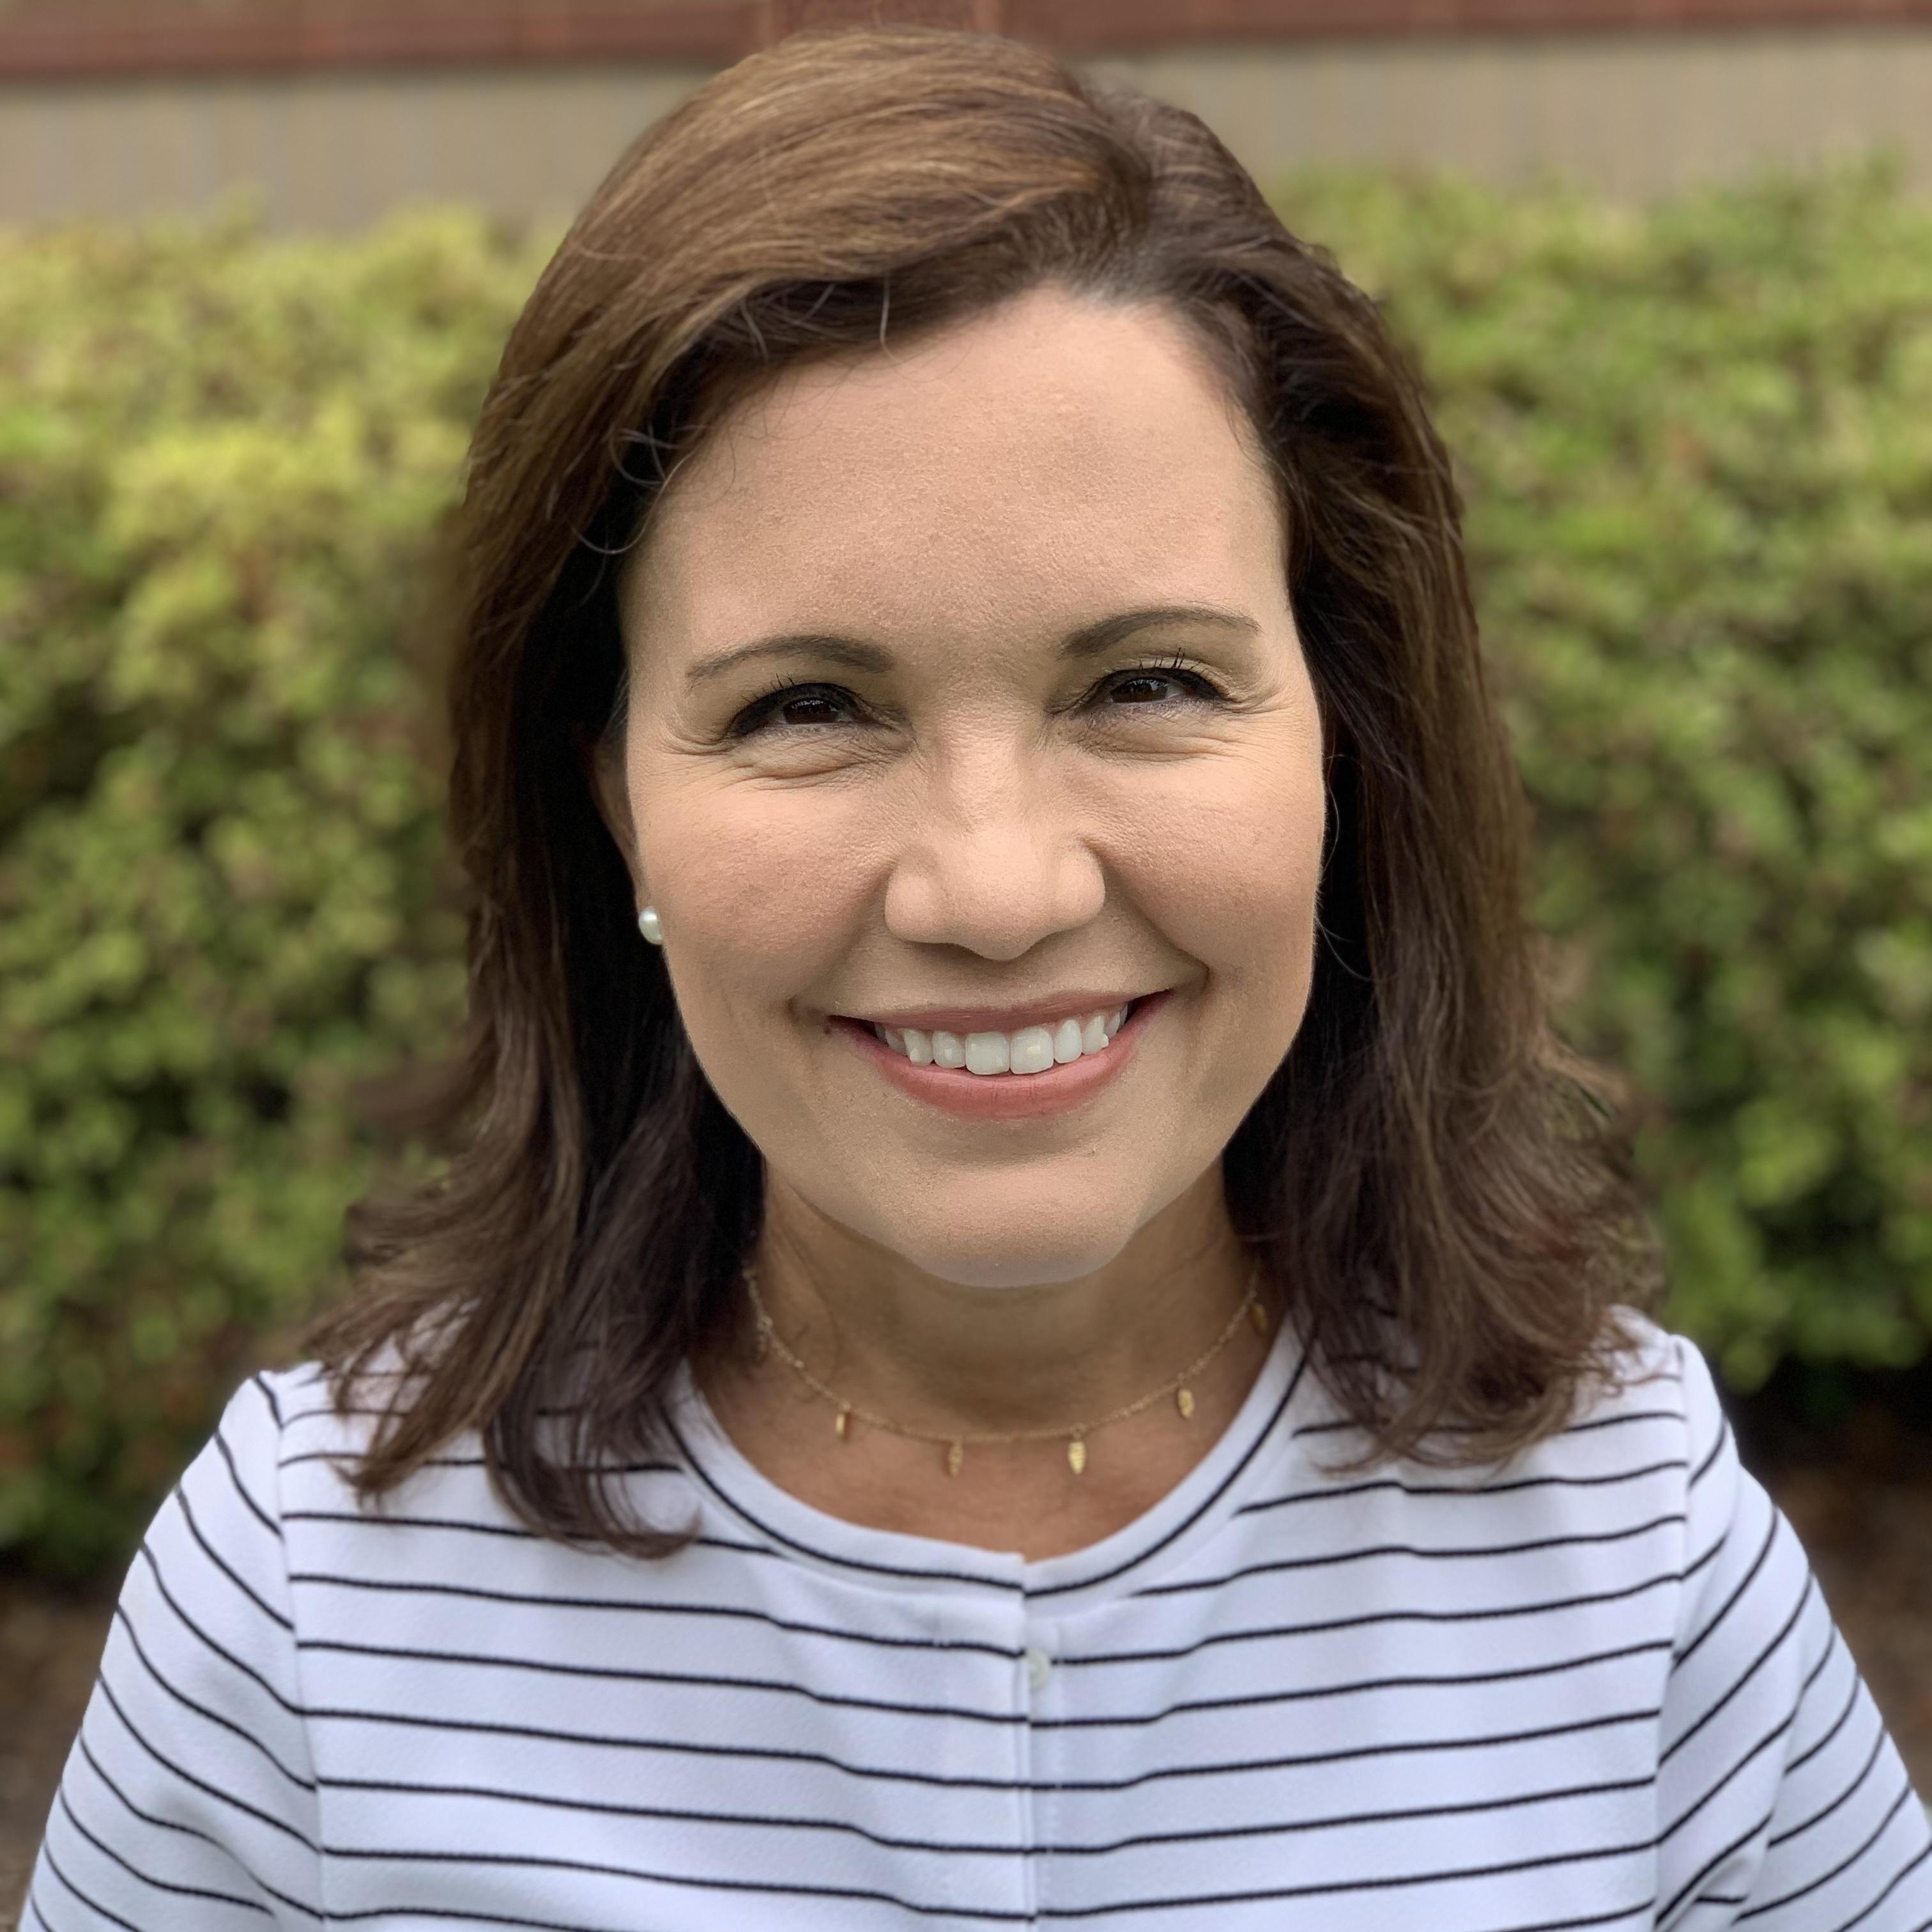 Veronica Espin's Profile Photo